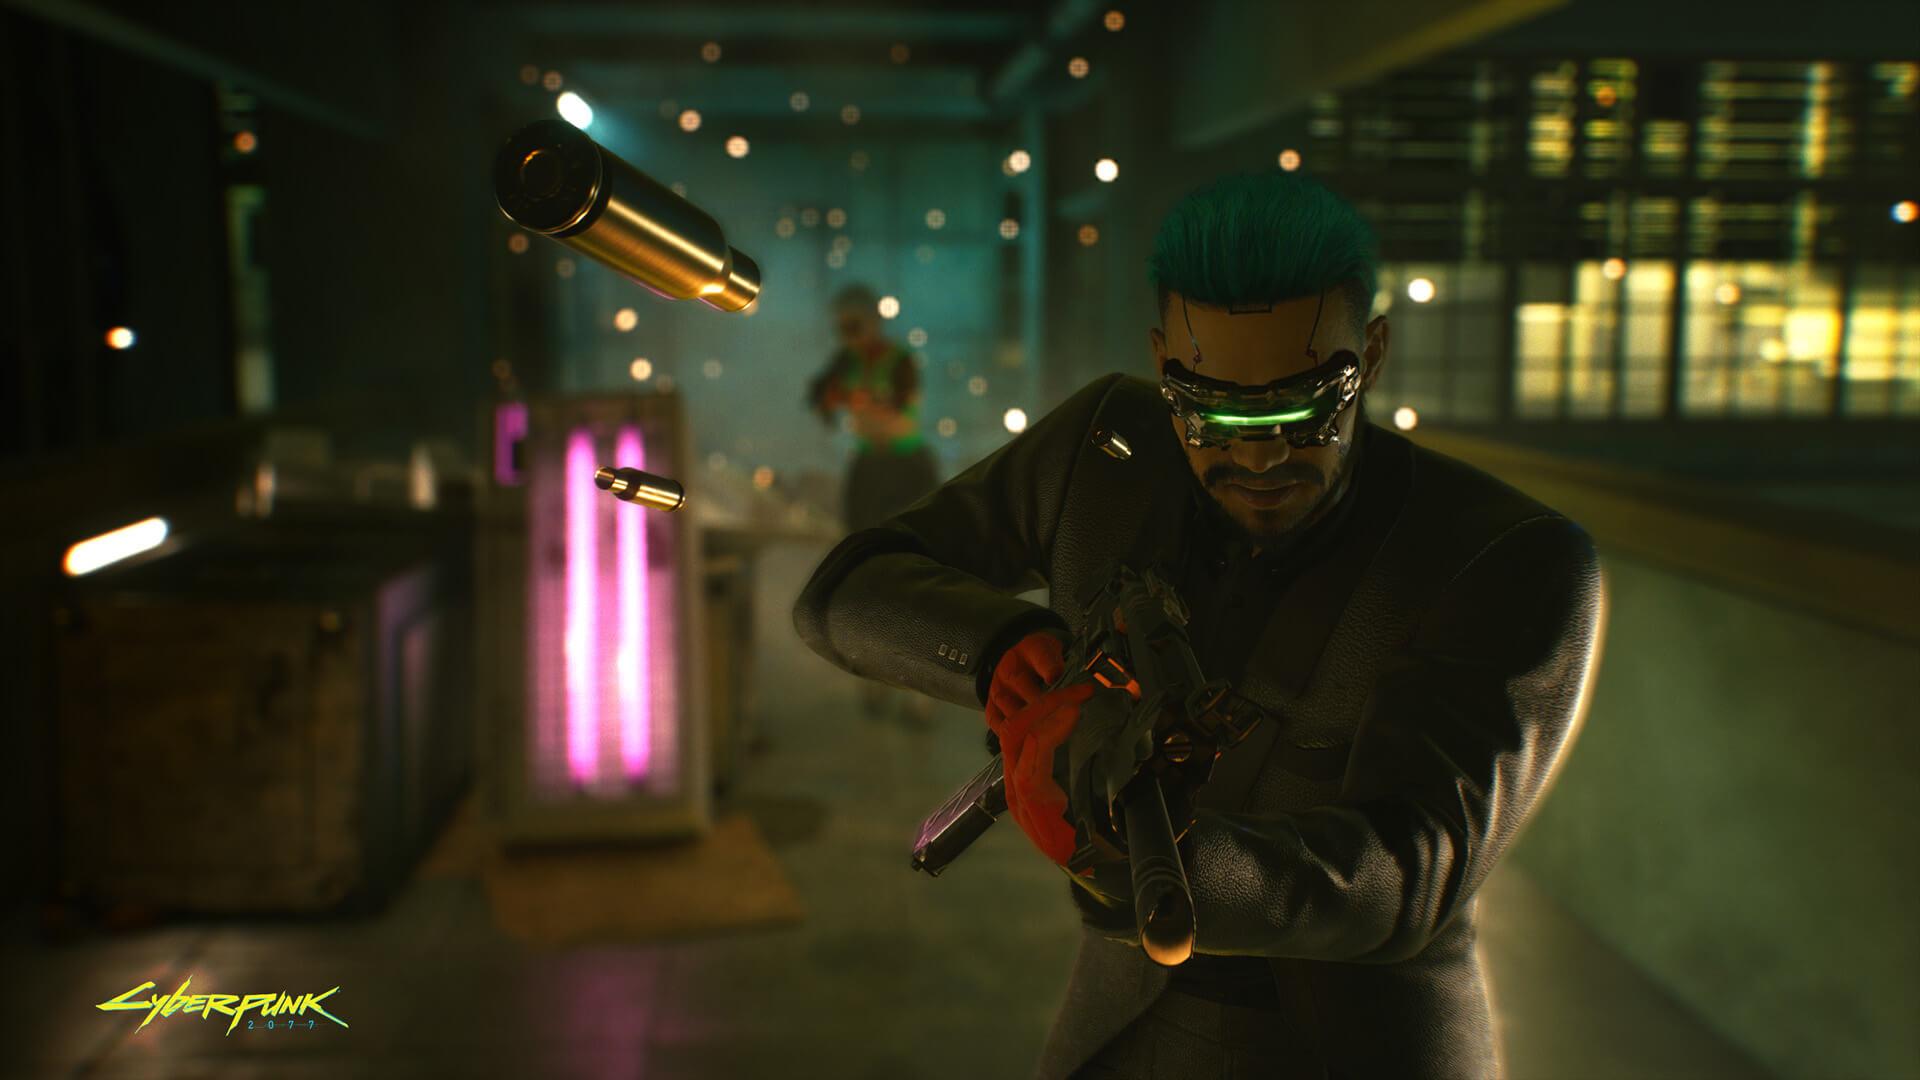 Cyberpunk-2077-new-screenshots-October-2020-1.jpg - Cyberpunk 2077